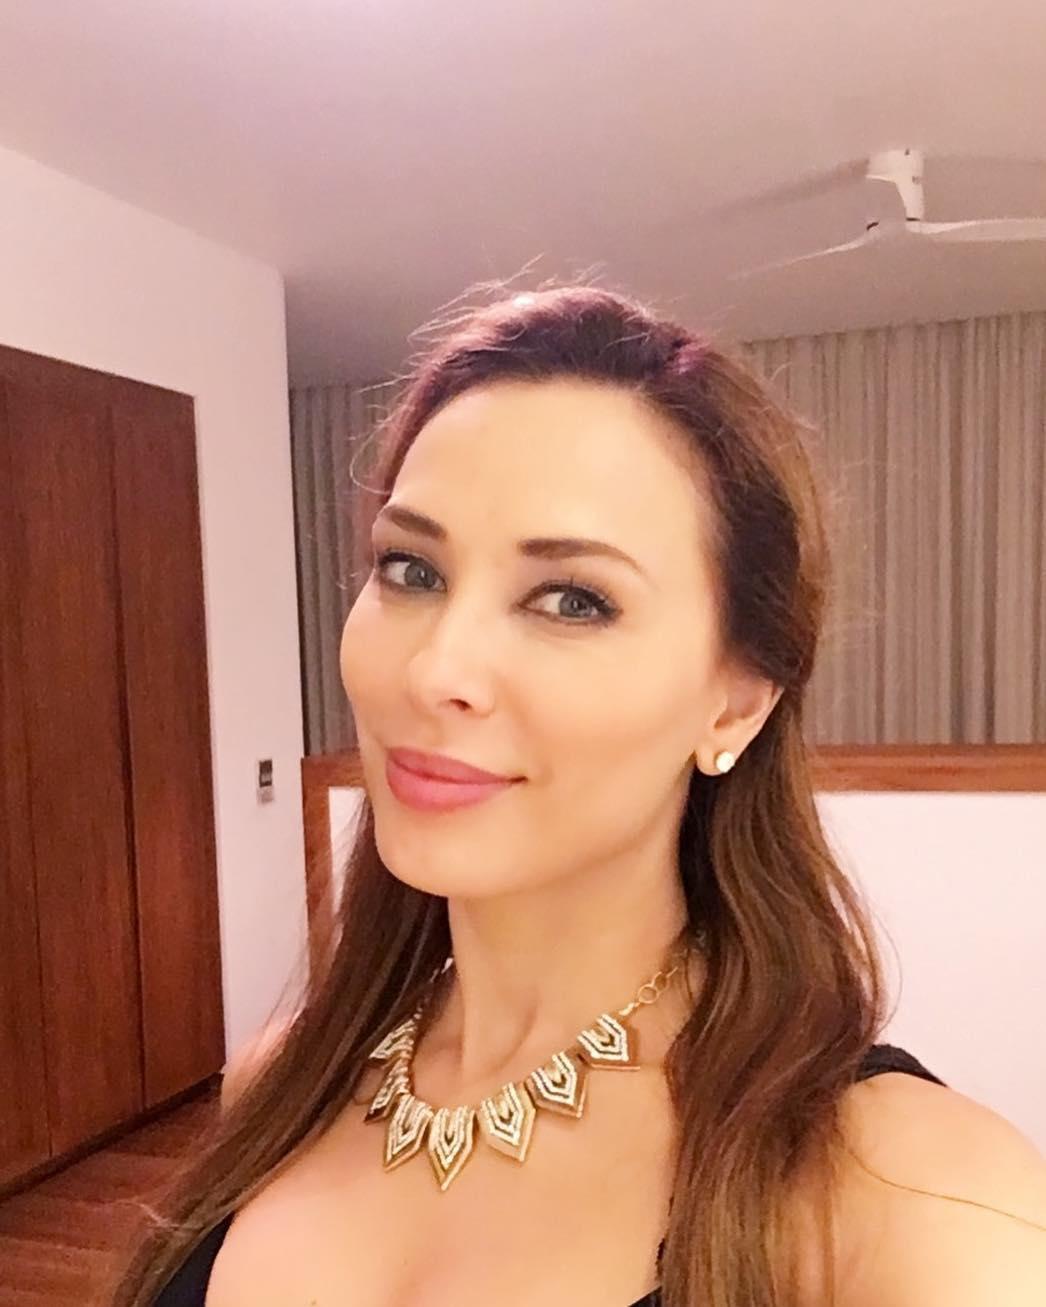 Iulia Vantur - stunning necklace